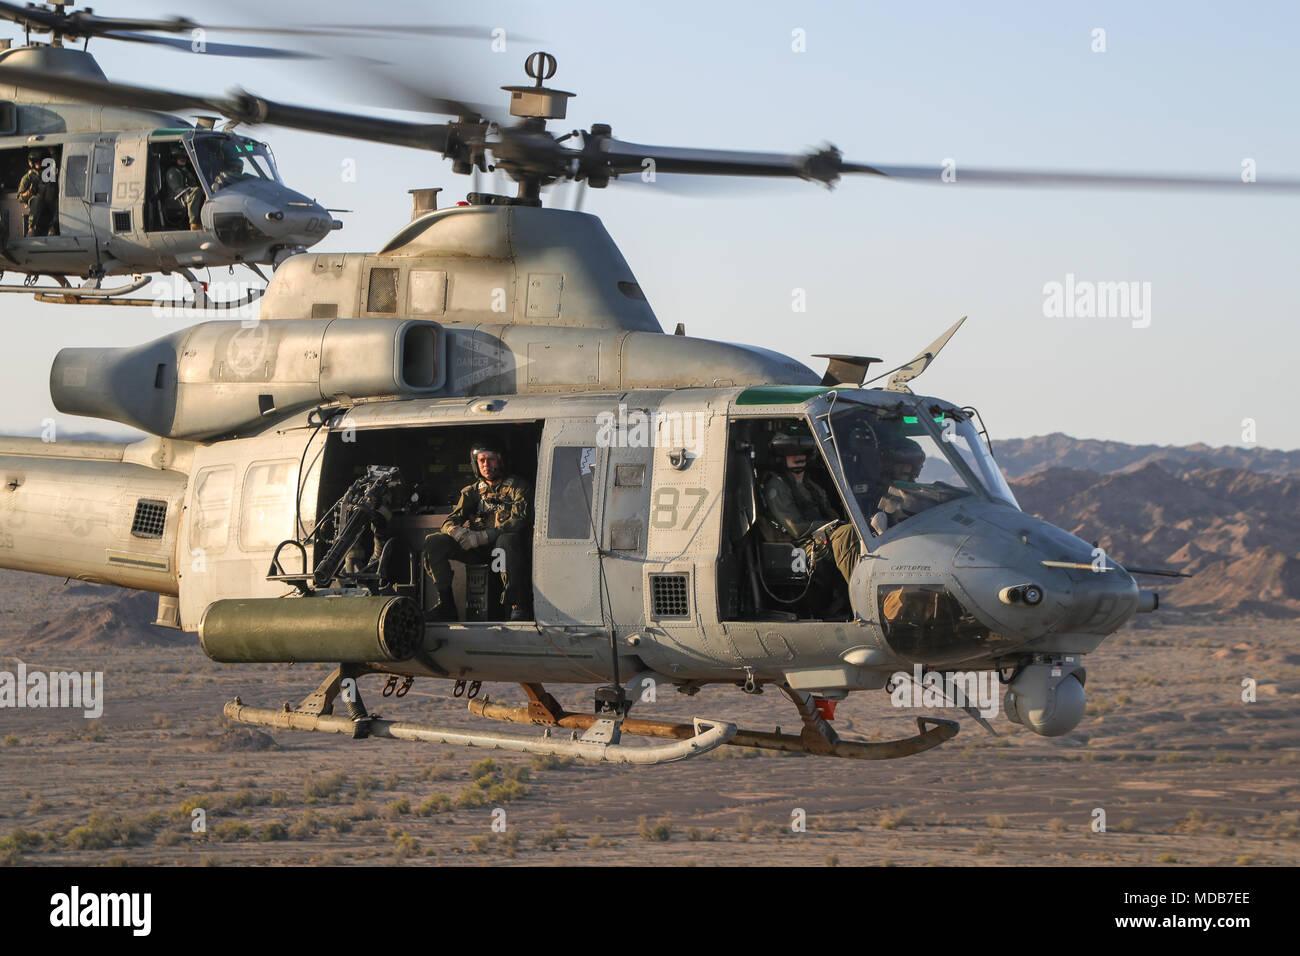 UH-1Ys con armas y tácticas de Aviación Marina Escuadrón de apoyo aéreo se realizó simulacros de combate como parte de armas y tácticas Instructor 2-18 en Yuma, Arizona, el 13 de marzo. El WTI es un evento de capacitación de siete semanas hospedado por MAWTS-1 cadre, que enfatiza la integración operacional de las seis funciones de aviación del Cuerpo de Infantería de Marina en apoyo de una masa de aire marino Task Force y proporciona entrenamiento táctico avanzado estandarizado y certificación de calificaciones de instructor de la unidad de apoyo a la formación y preparación de la Aviación Marina y colabora en el desarrollo de la aviación y empleando armas y tácticas. Foto de stock